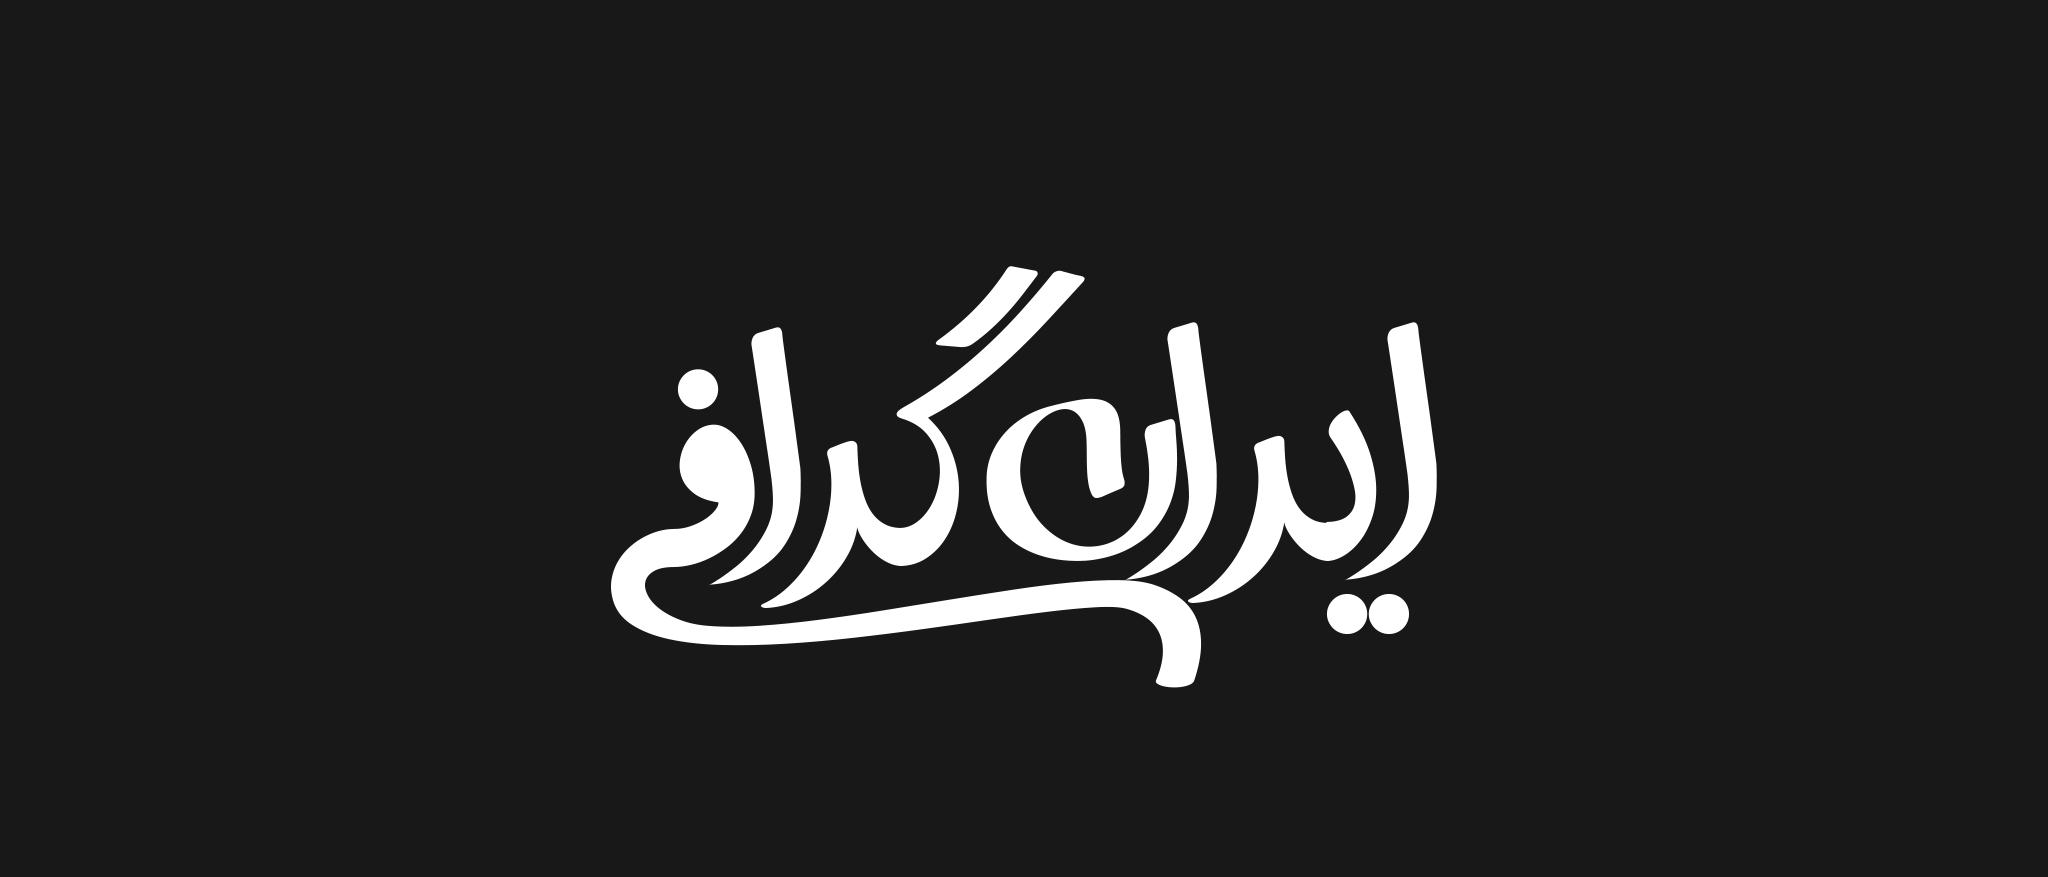 دانلود فونت فارسی محسن